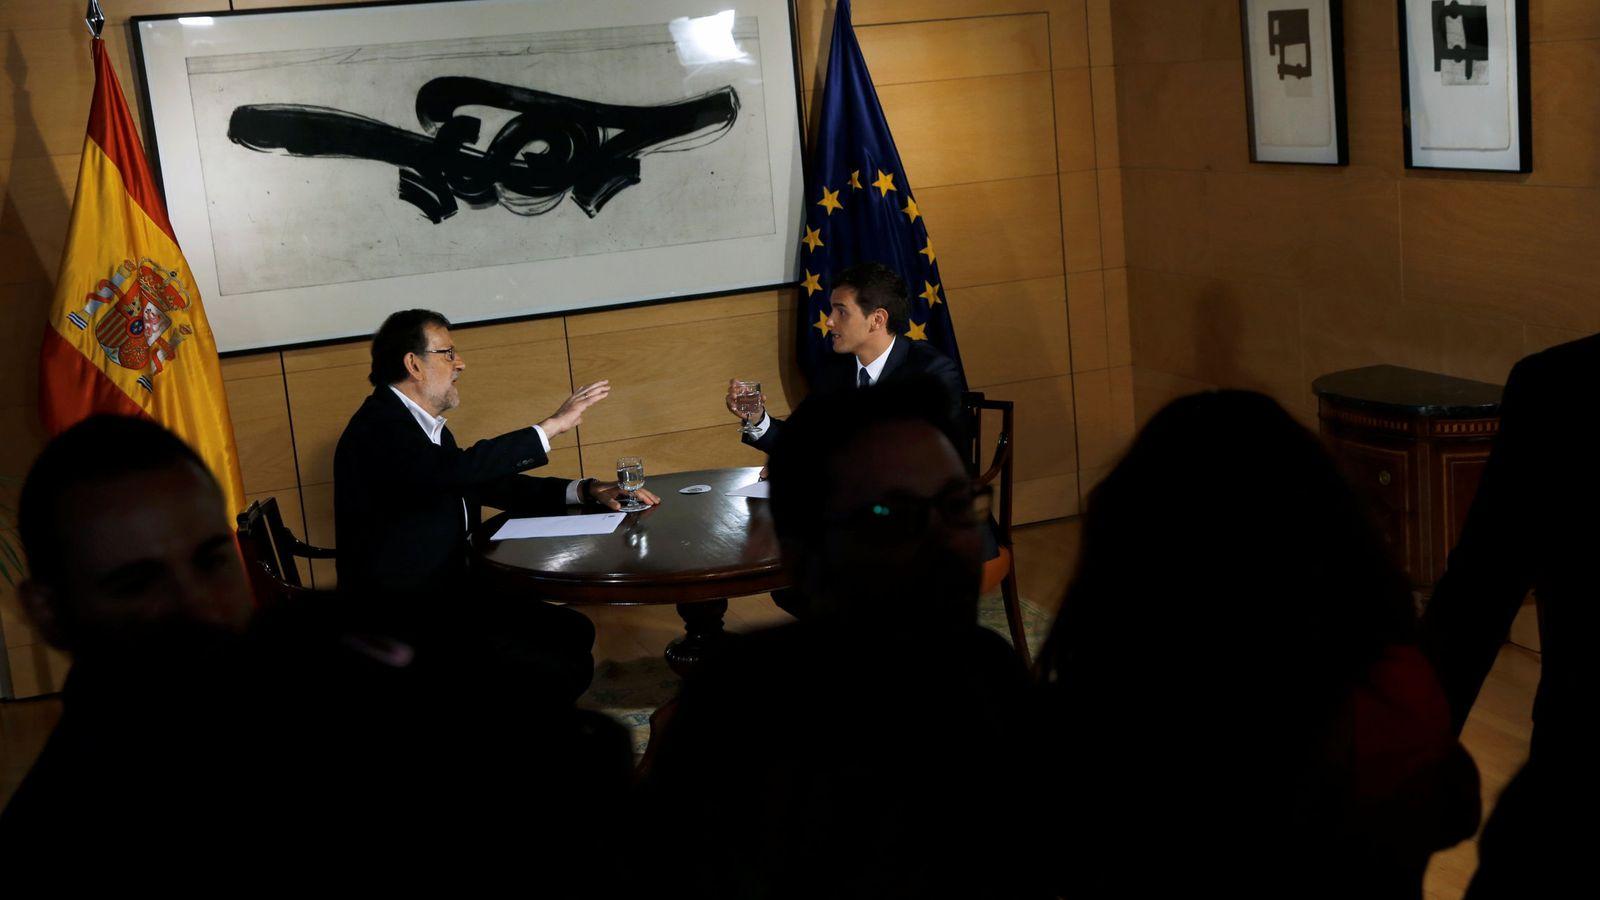 Foto: El presidente del Gobierno en funciones, Mariano Rajoy, y el líder de Ciudadanos, Albert Rivera. (Reuters)